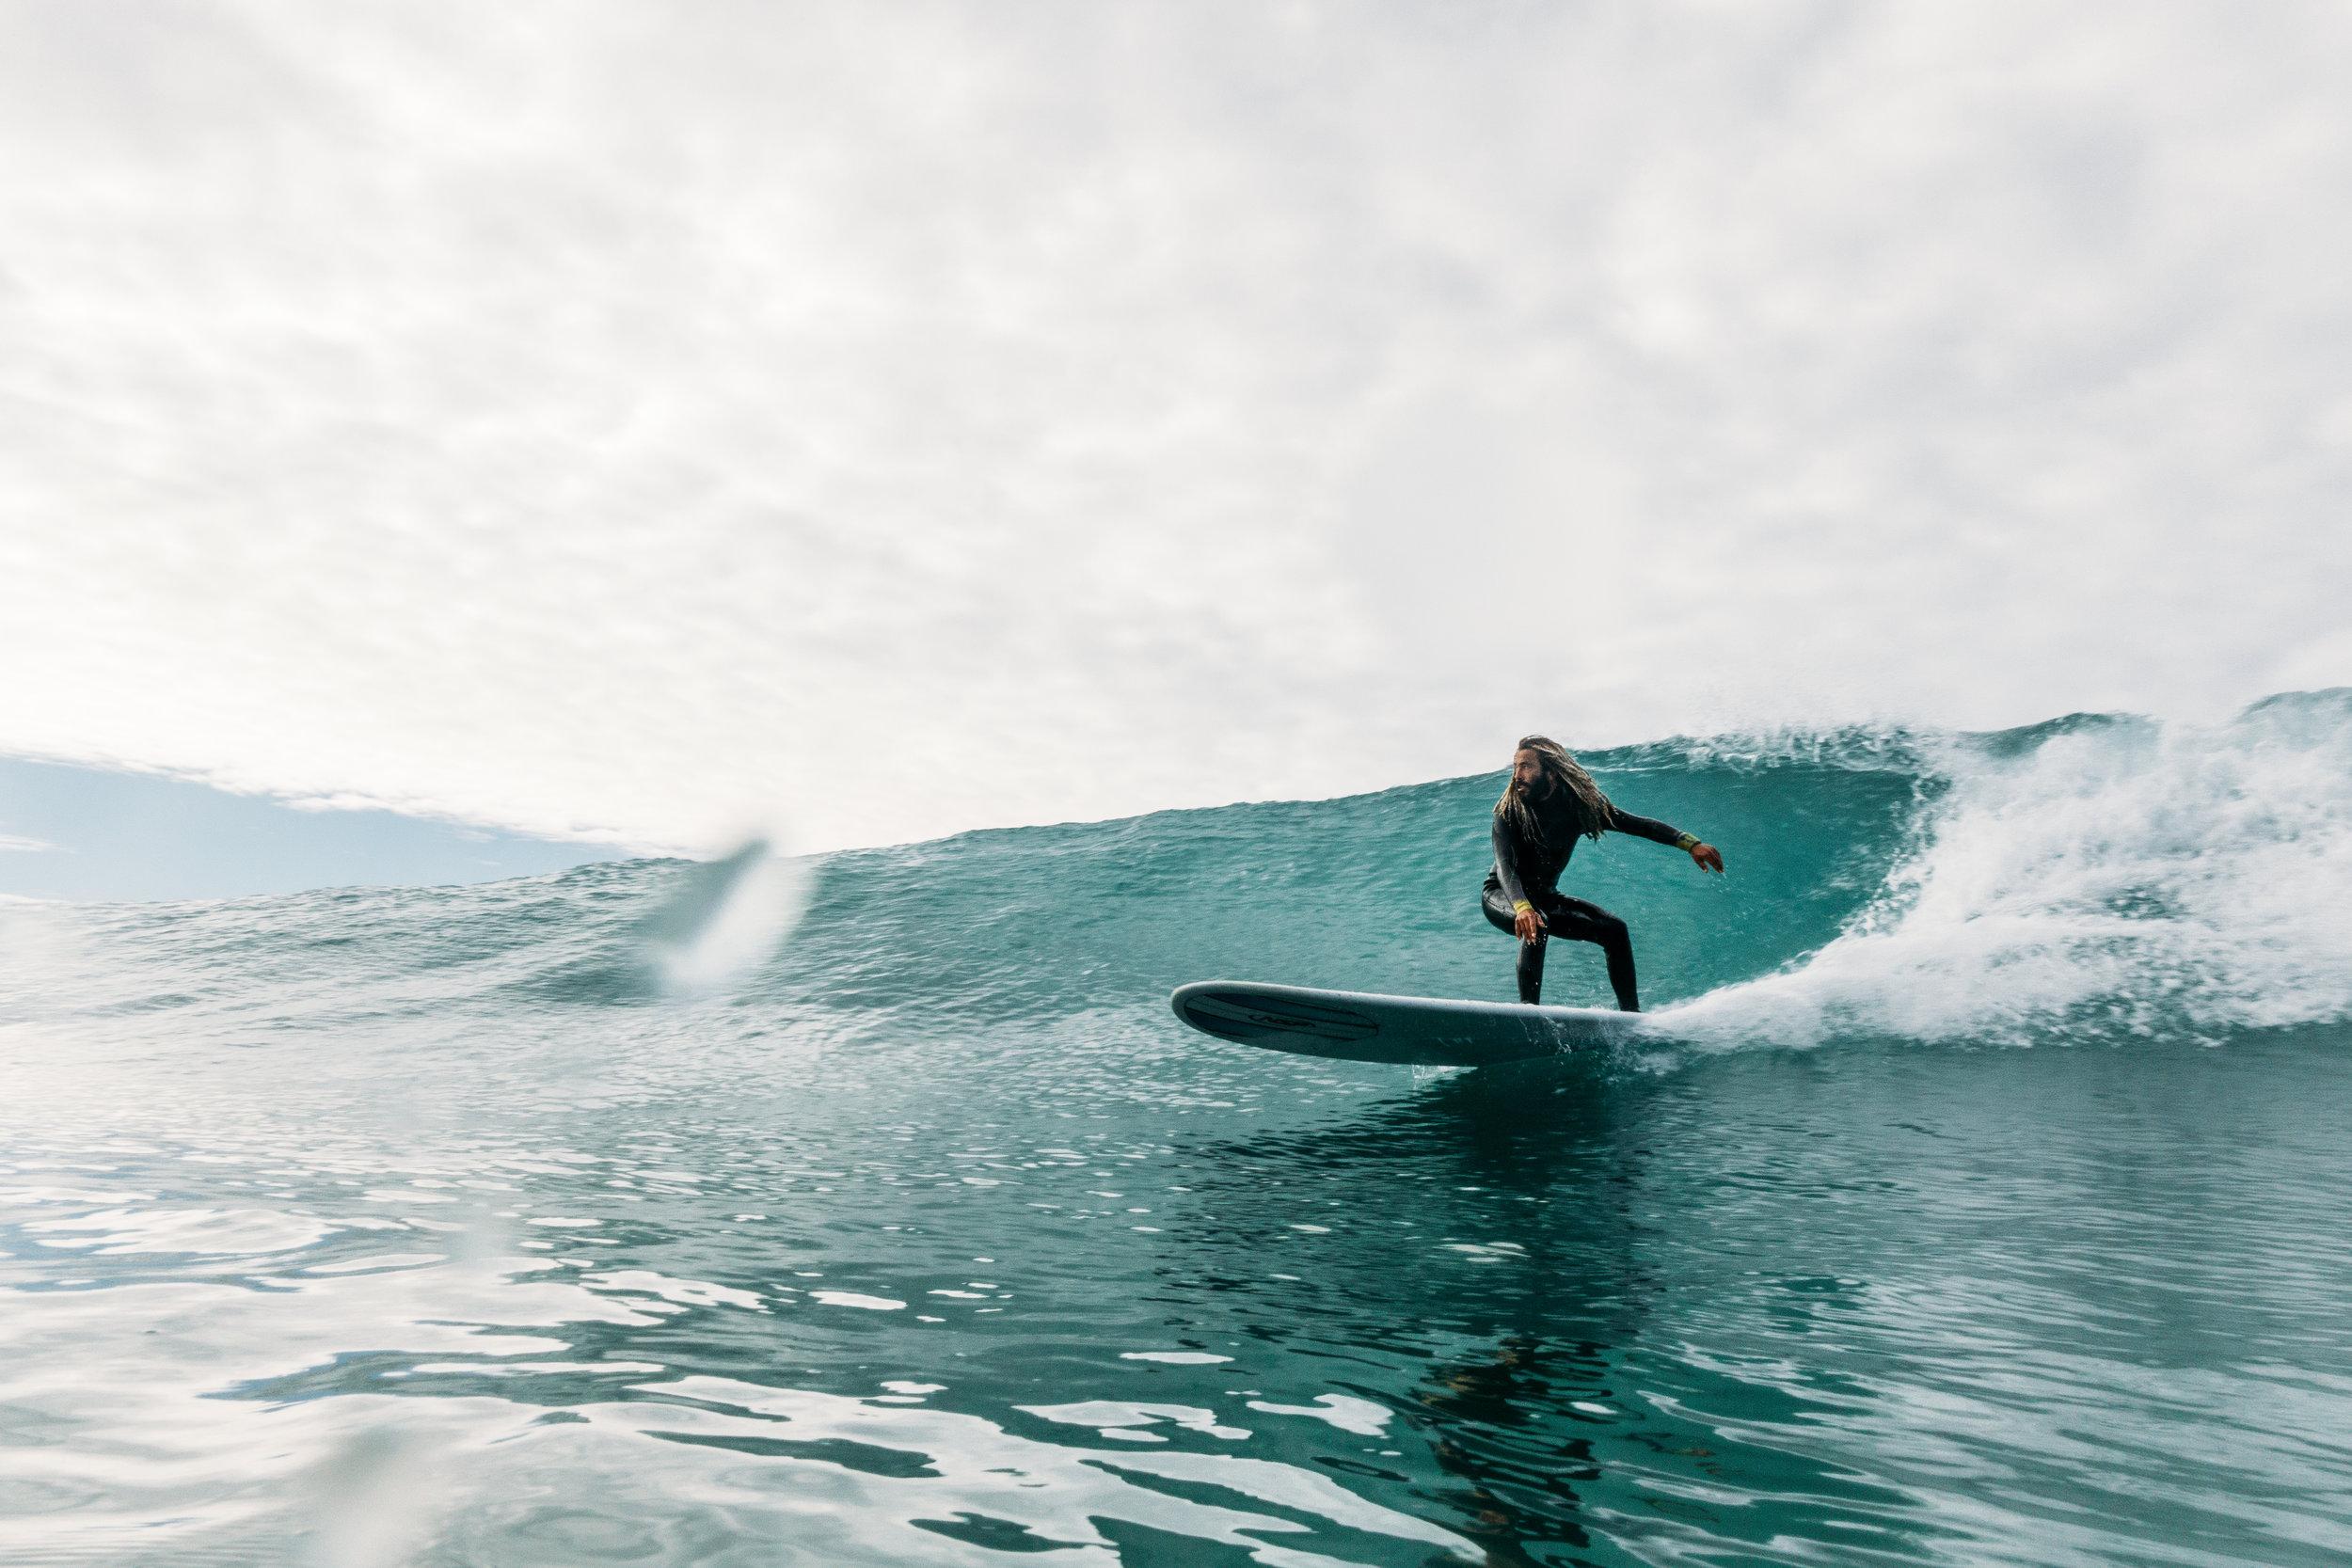 surf_saturday_Leia_Vita-107.jpg